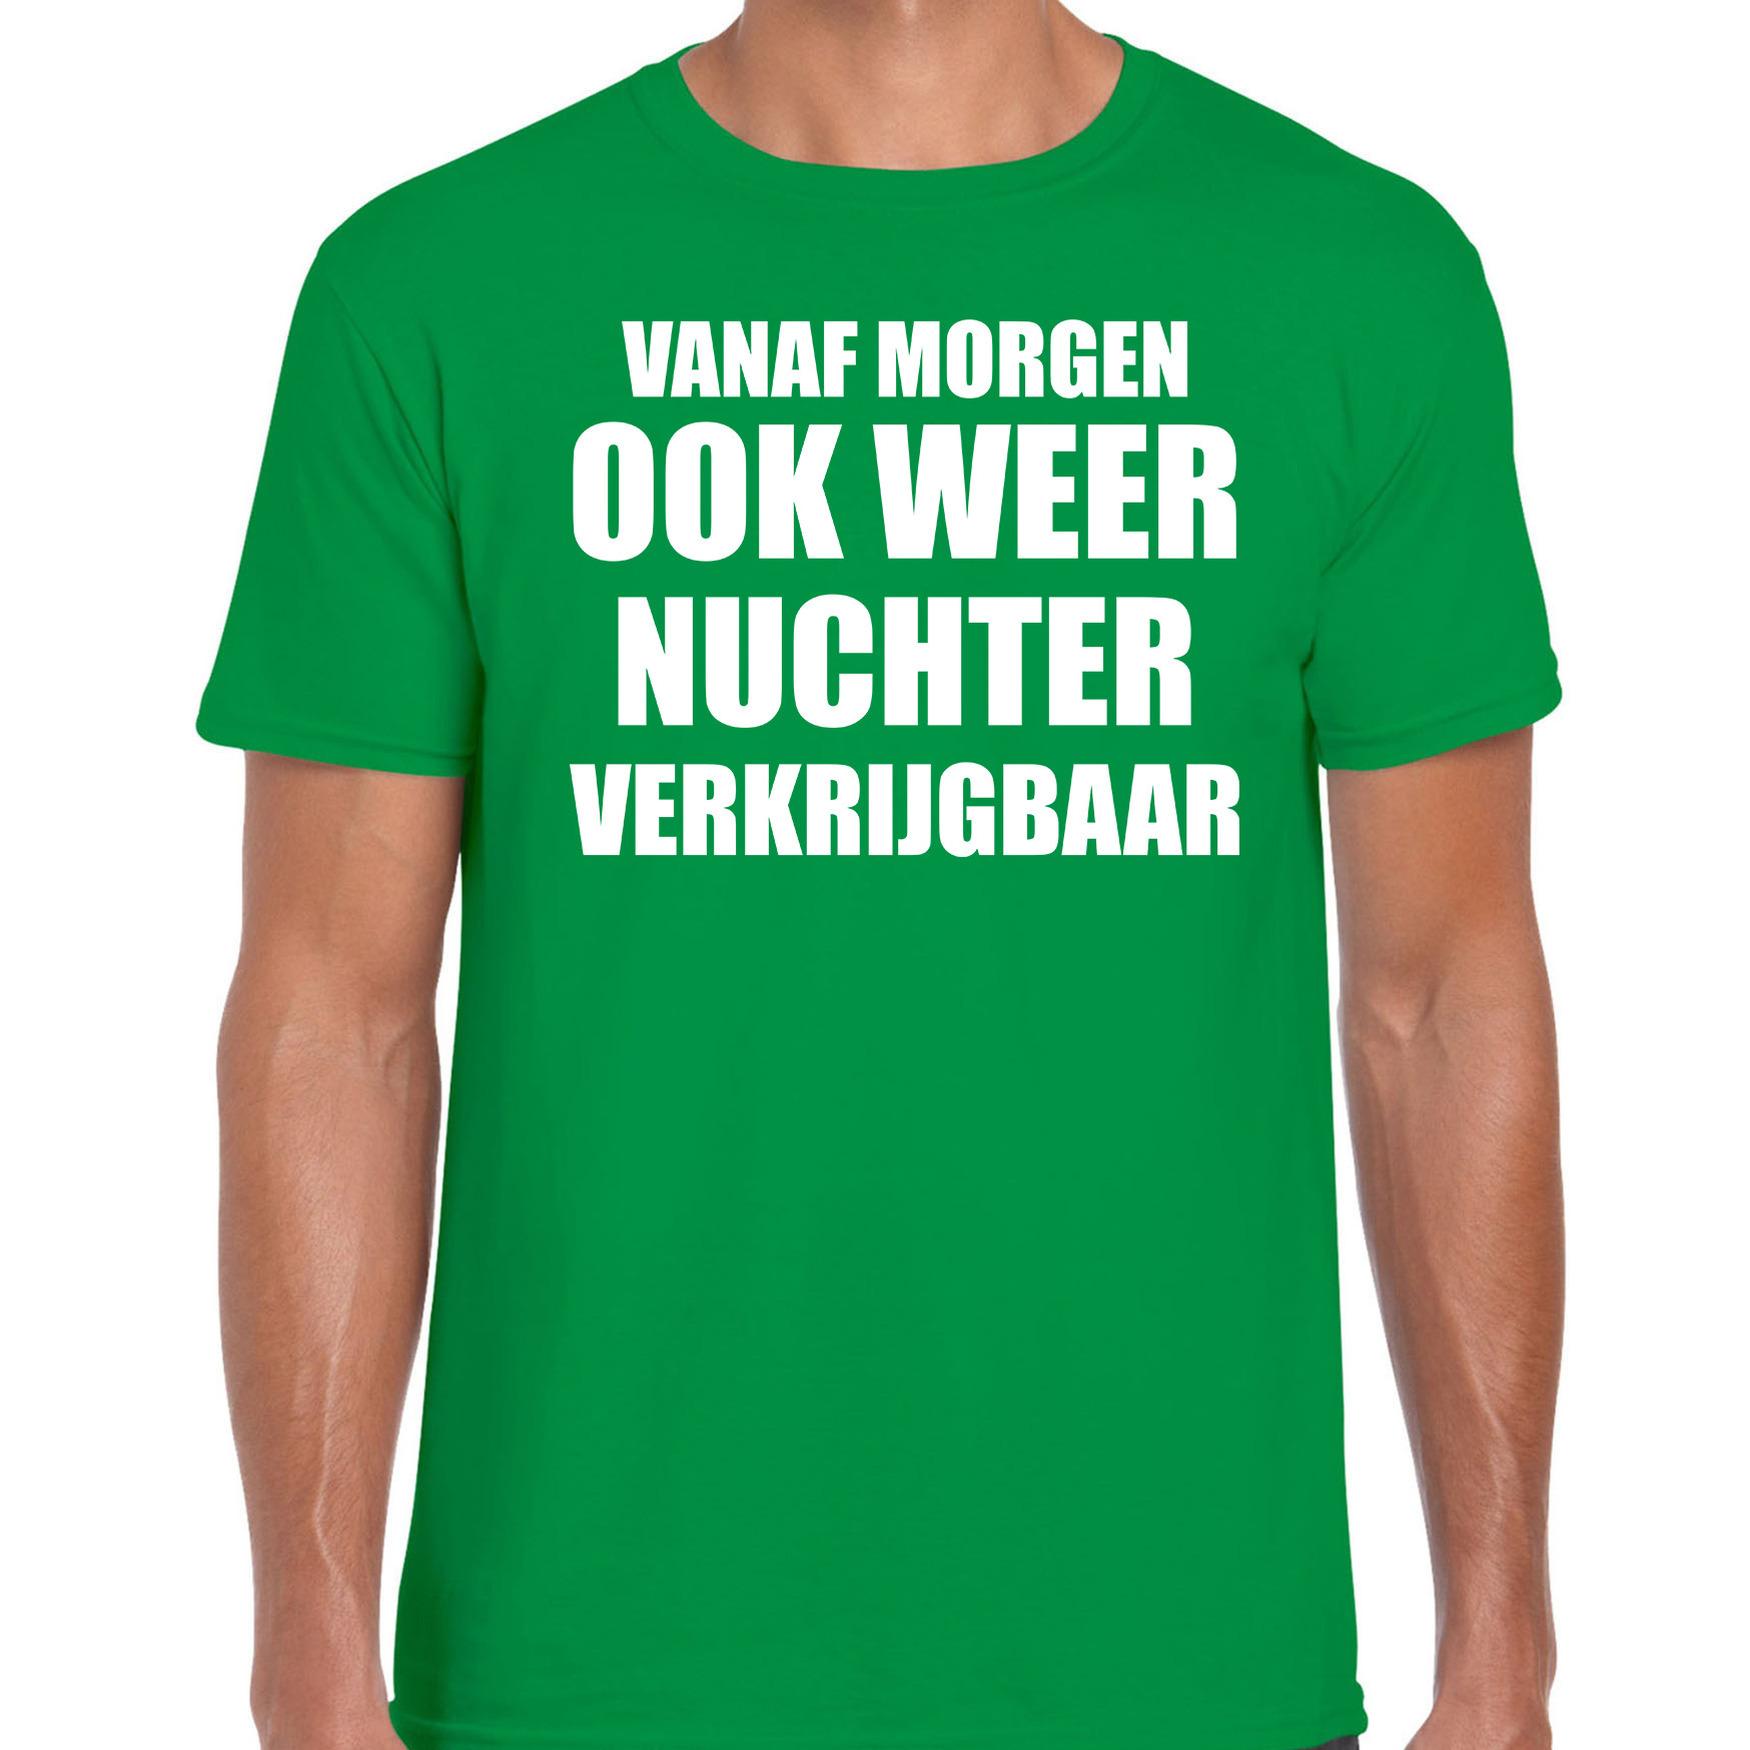 Feest t-shirt morgen nuchter verkrijgbaar groen voor heren S -